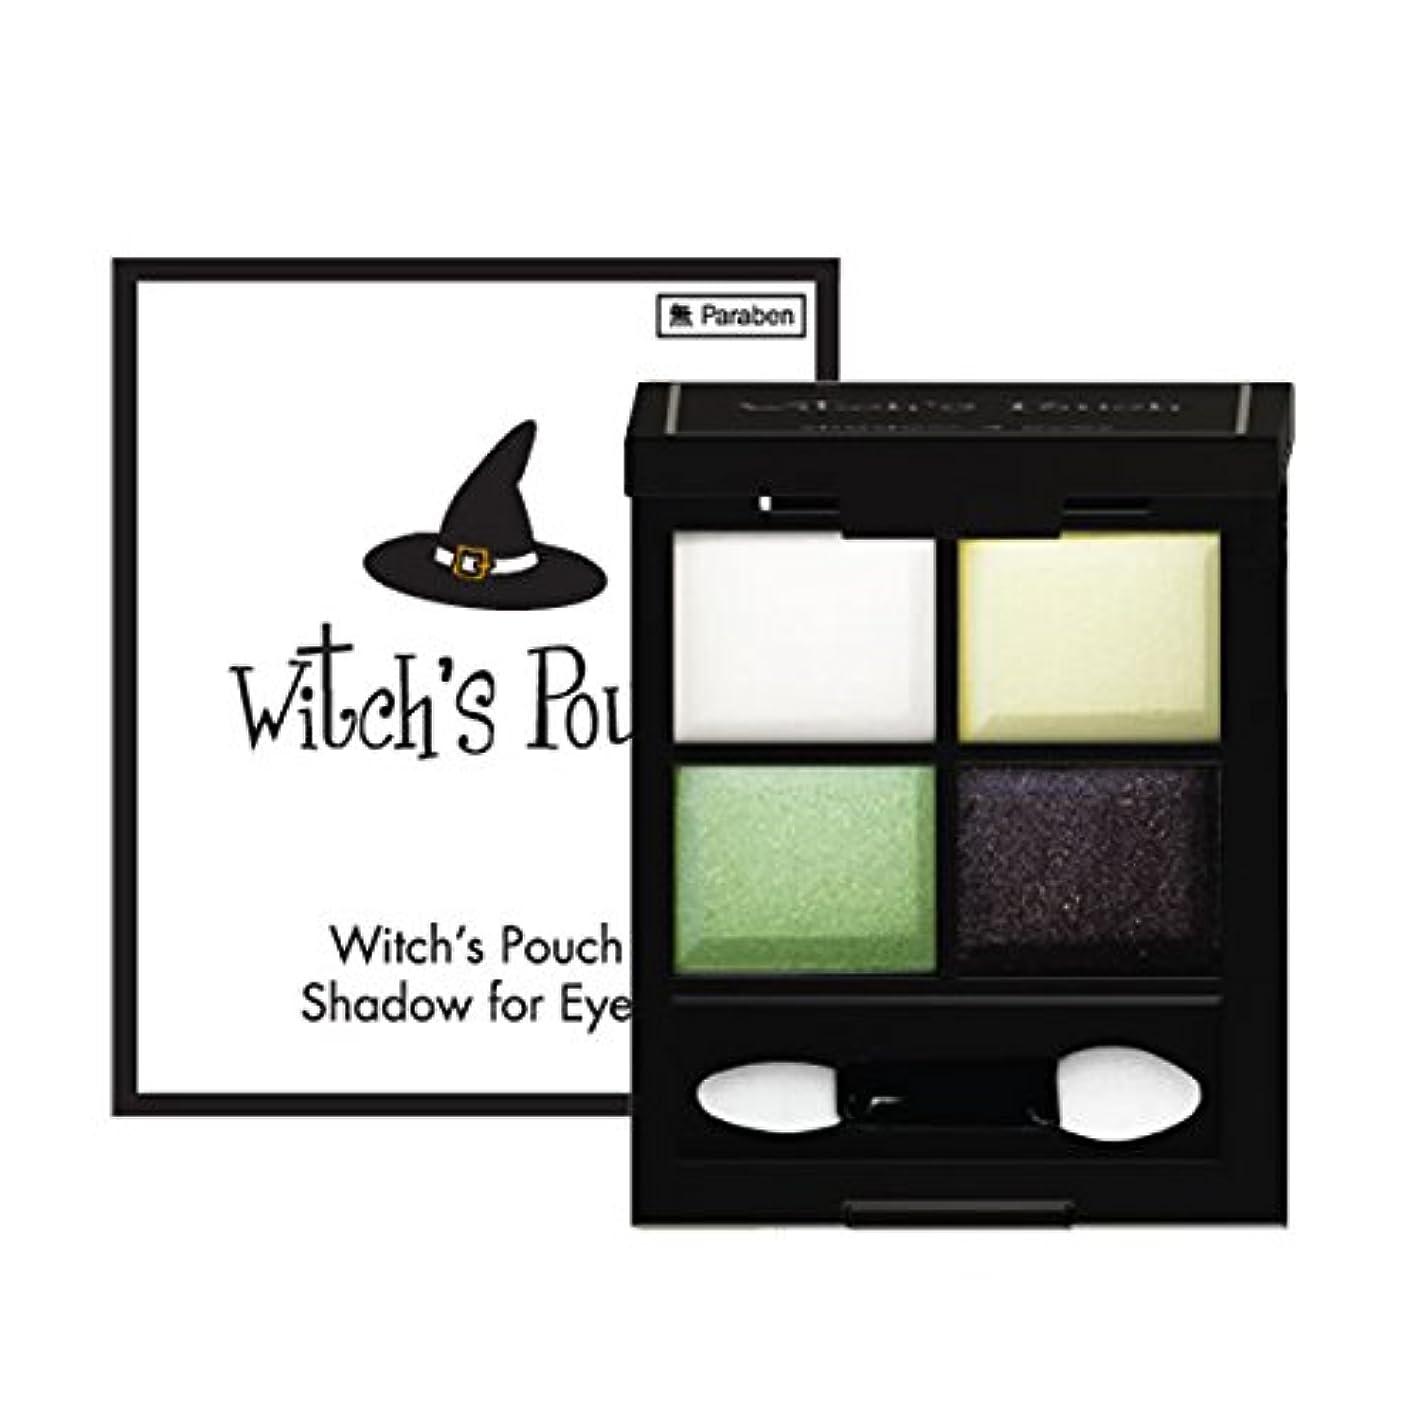 ヒギンズプロット酸度Witch's Pouch ウィッチズポーチ シャドウフォーアイズ SD4 スプリングコネクション